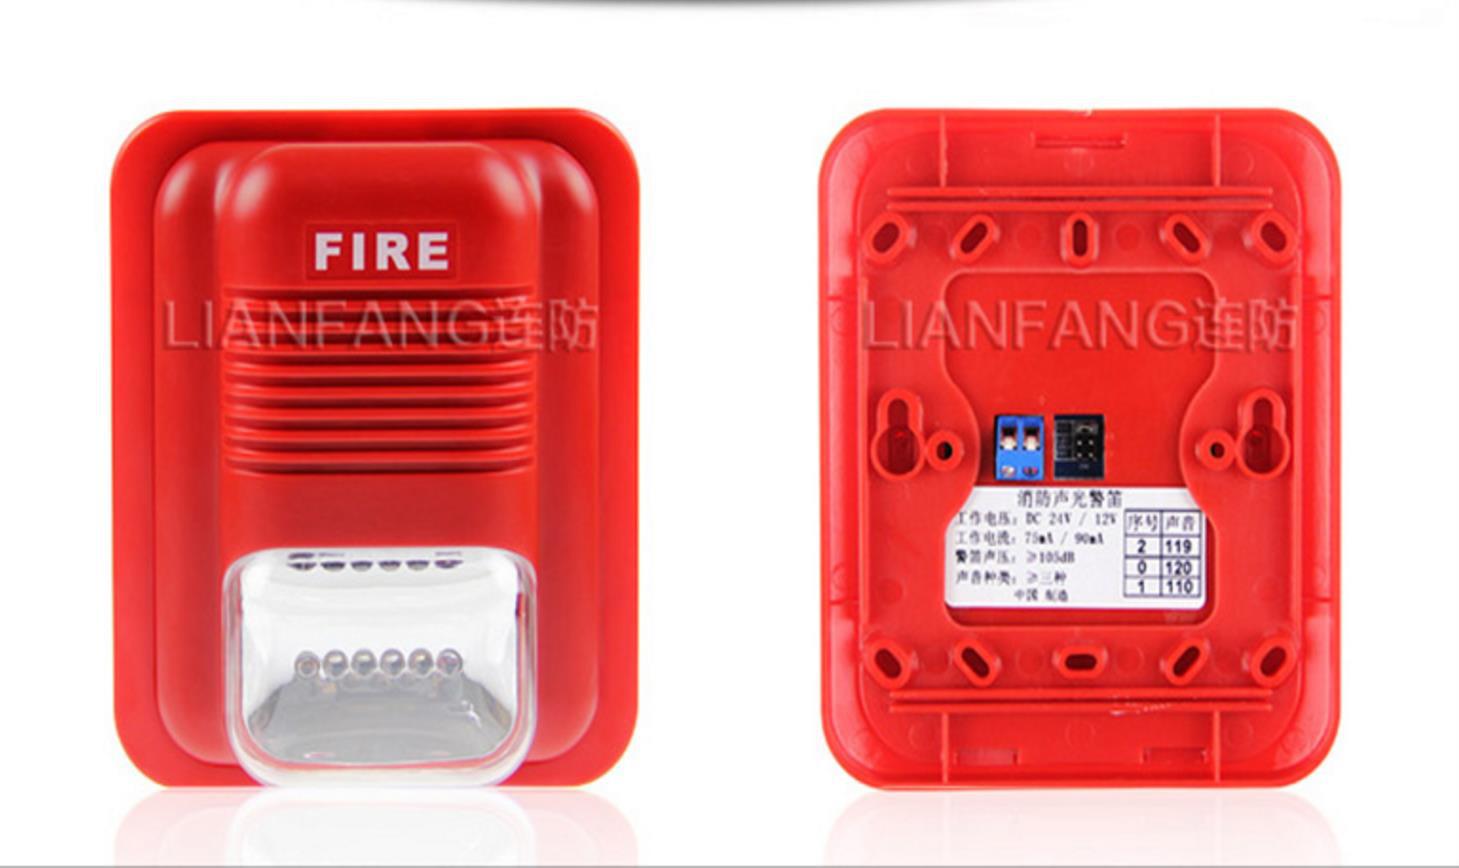 WANLIN-QD60无线远程输入输出控制模块(4G版)